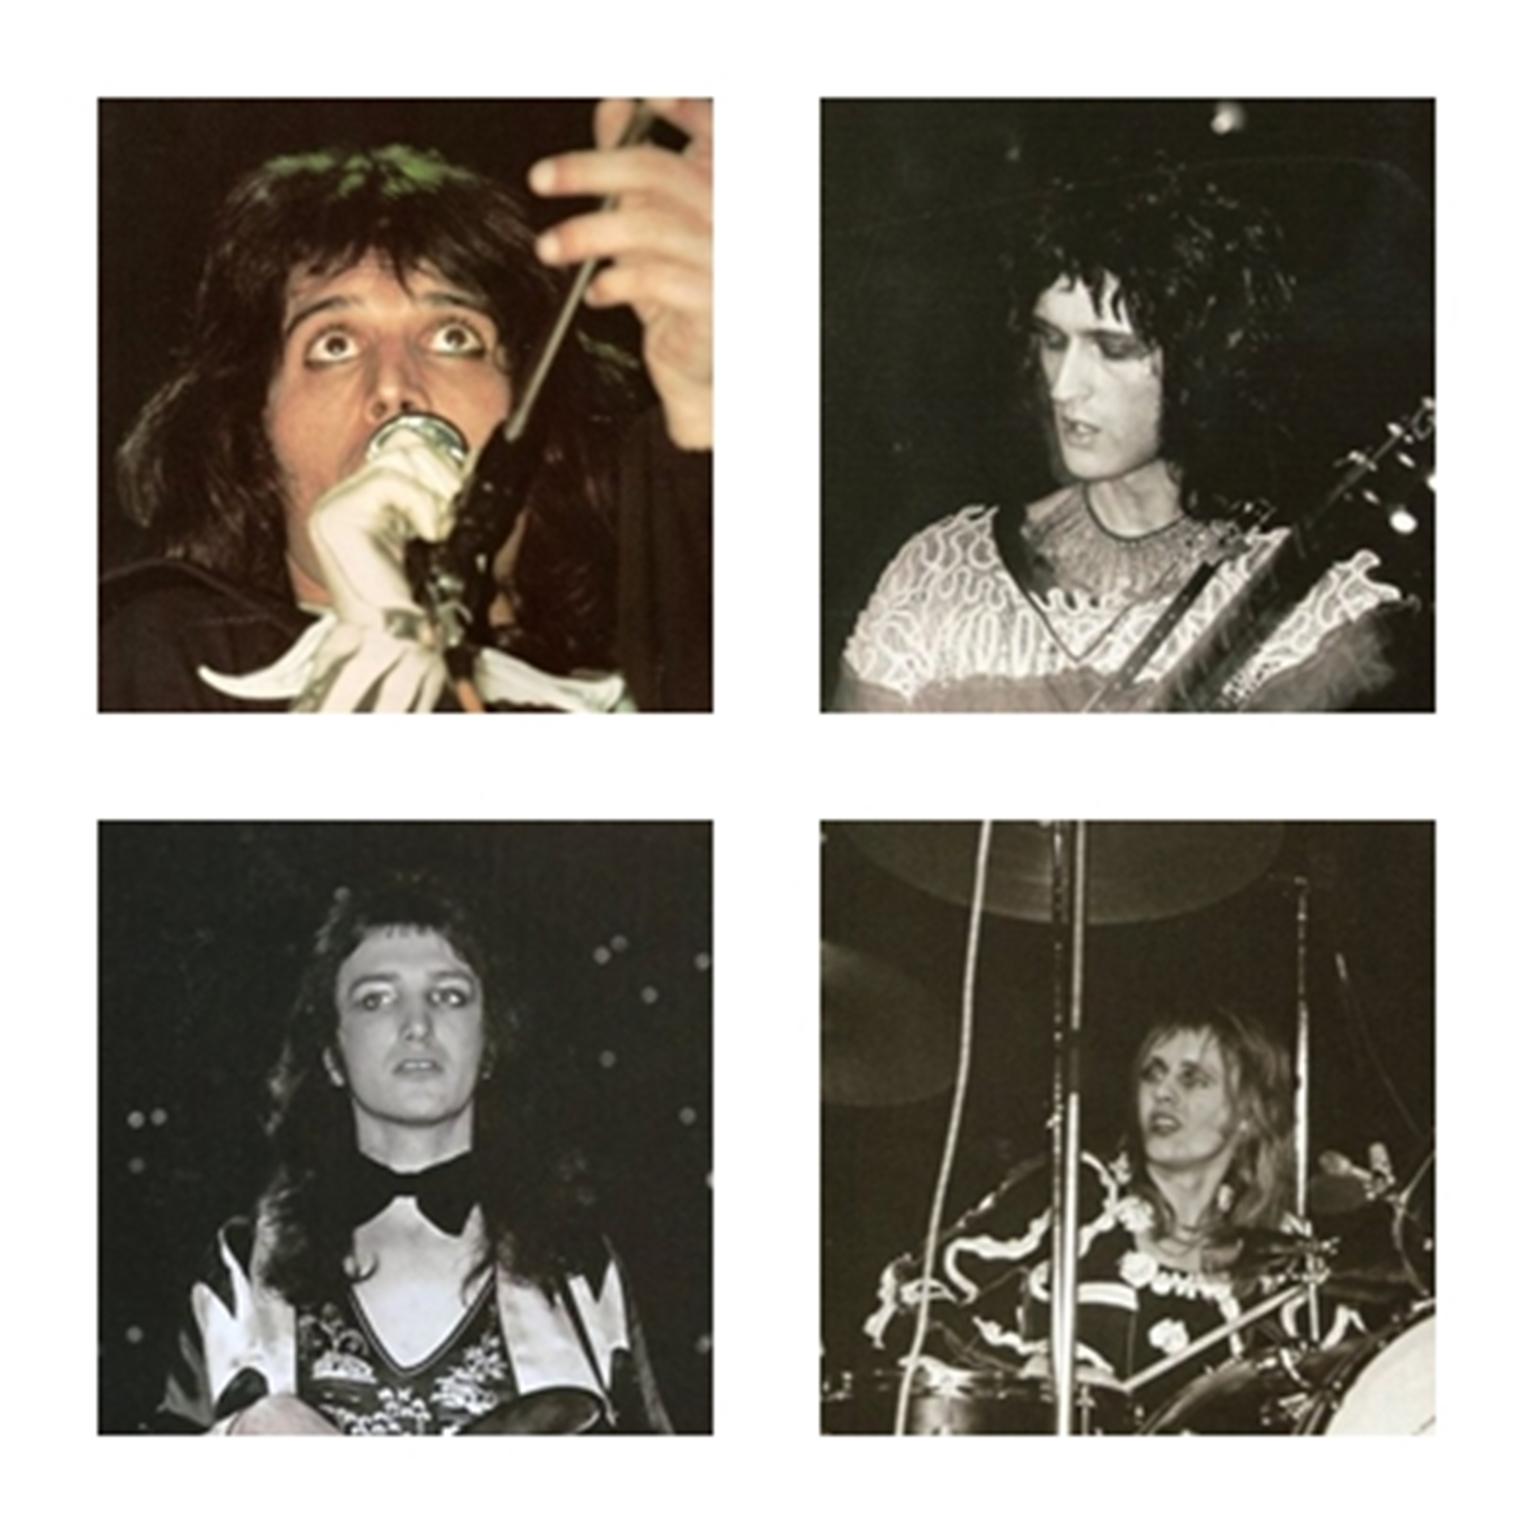 Queen+1973.jpg